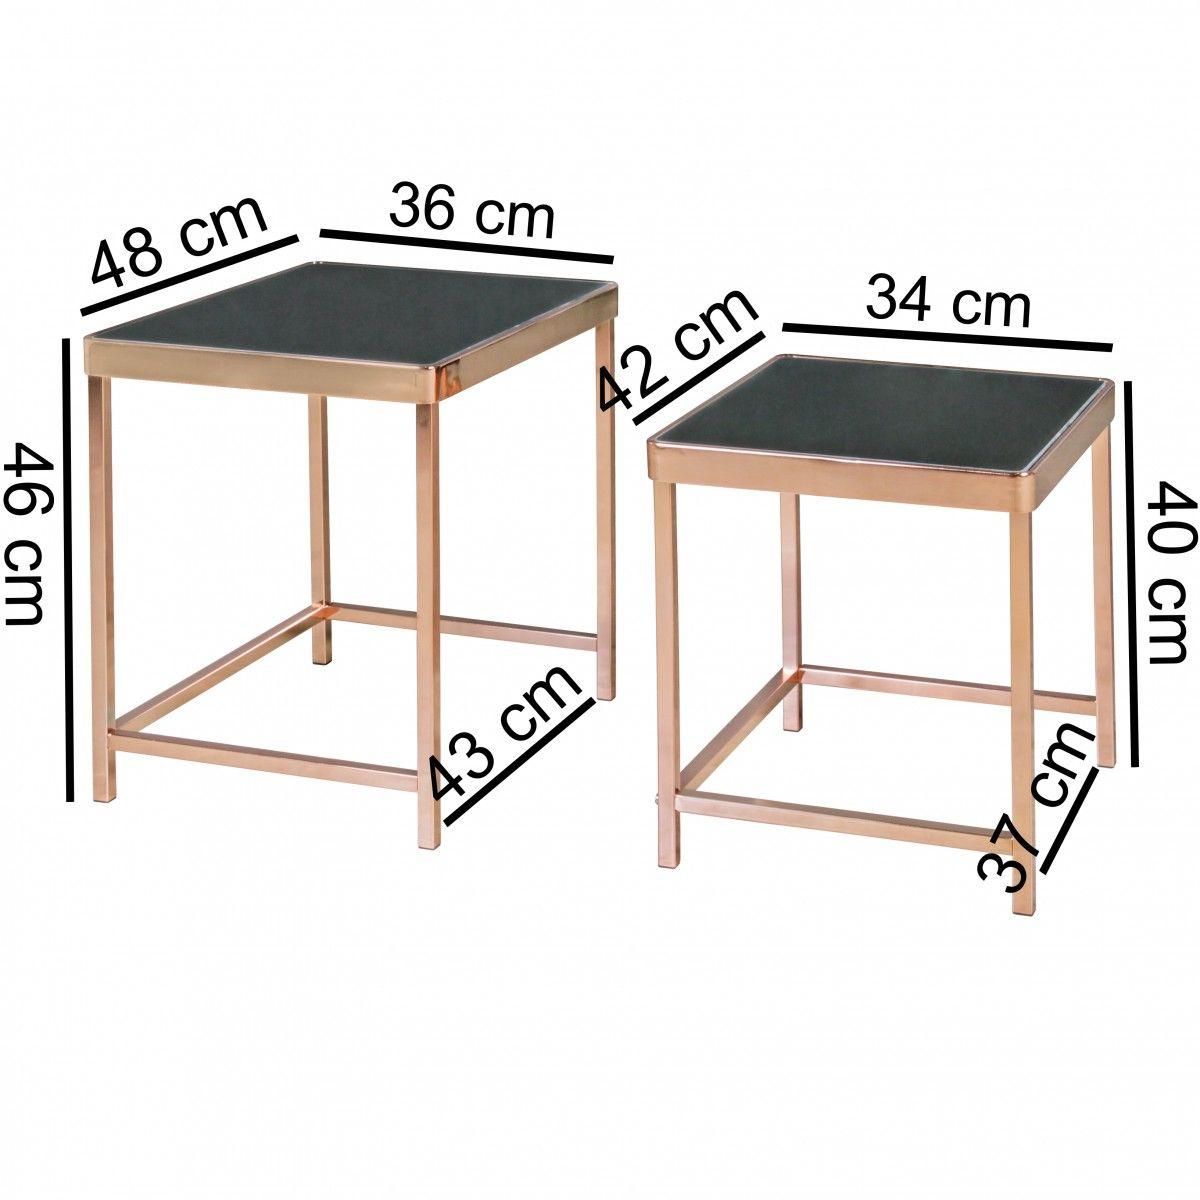 satztisch couchtisch charms metall glas schwarz kupfer 2. Black Bedroom Furniture Sets. Home Design Ideas